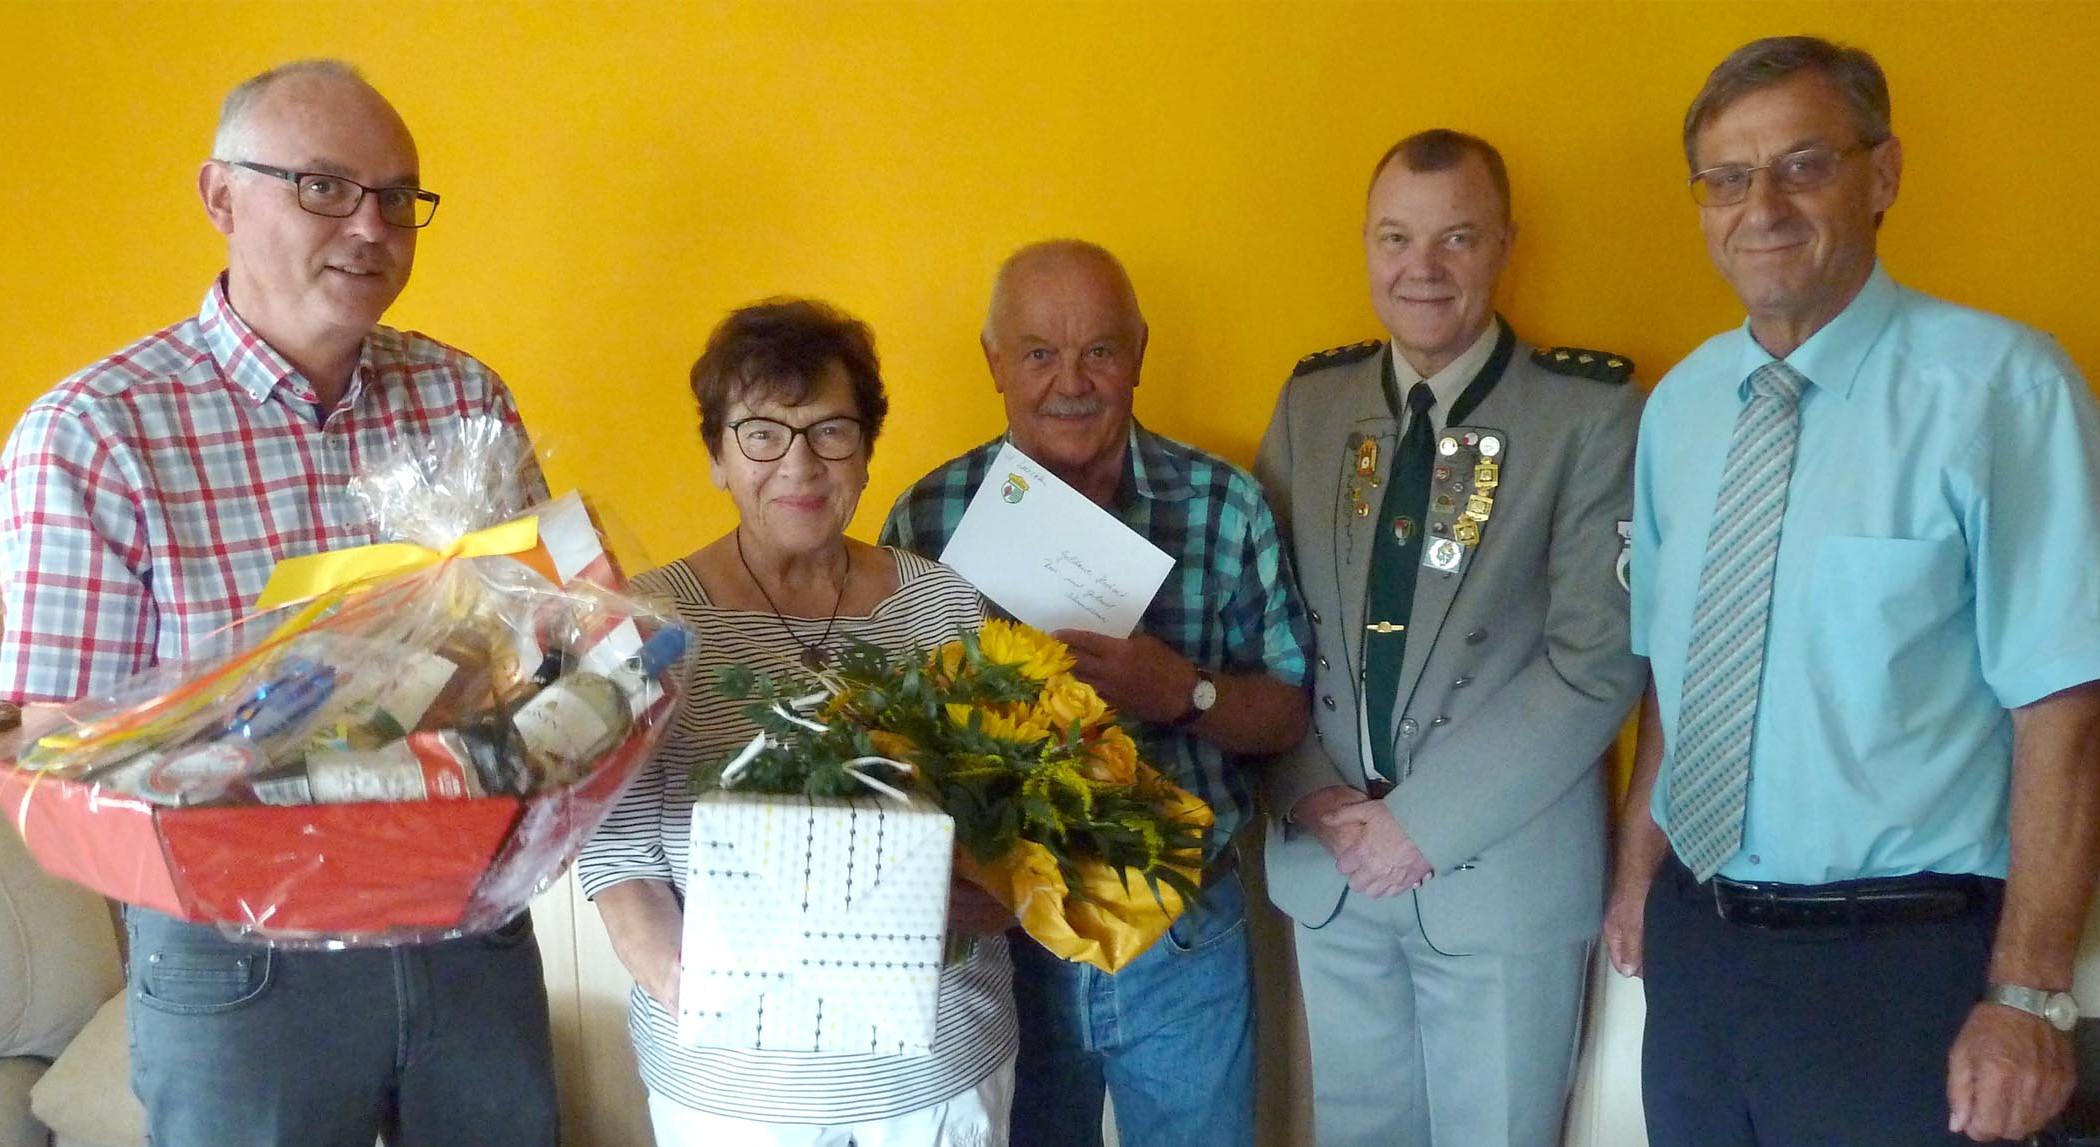 Rosi Und Gerhard Schmidbauer Feiern Goldene Hochzeit